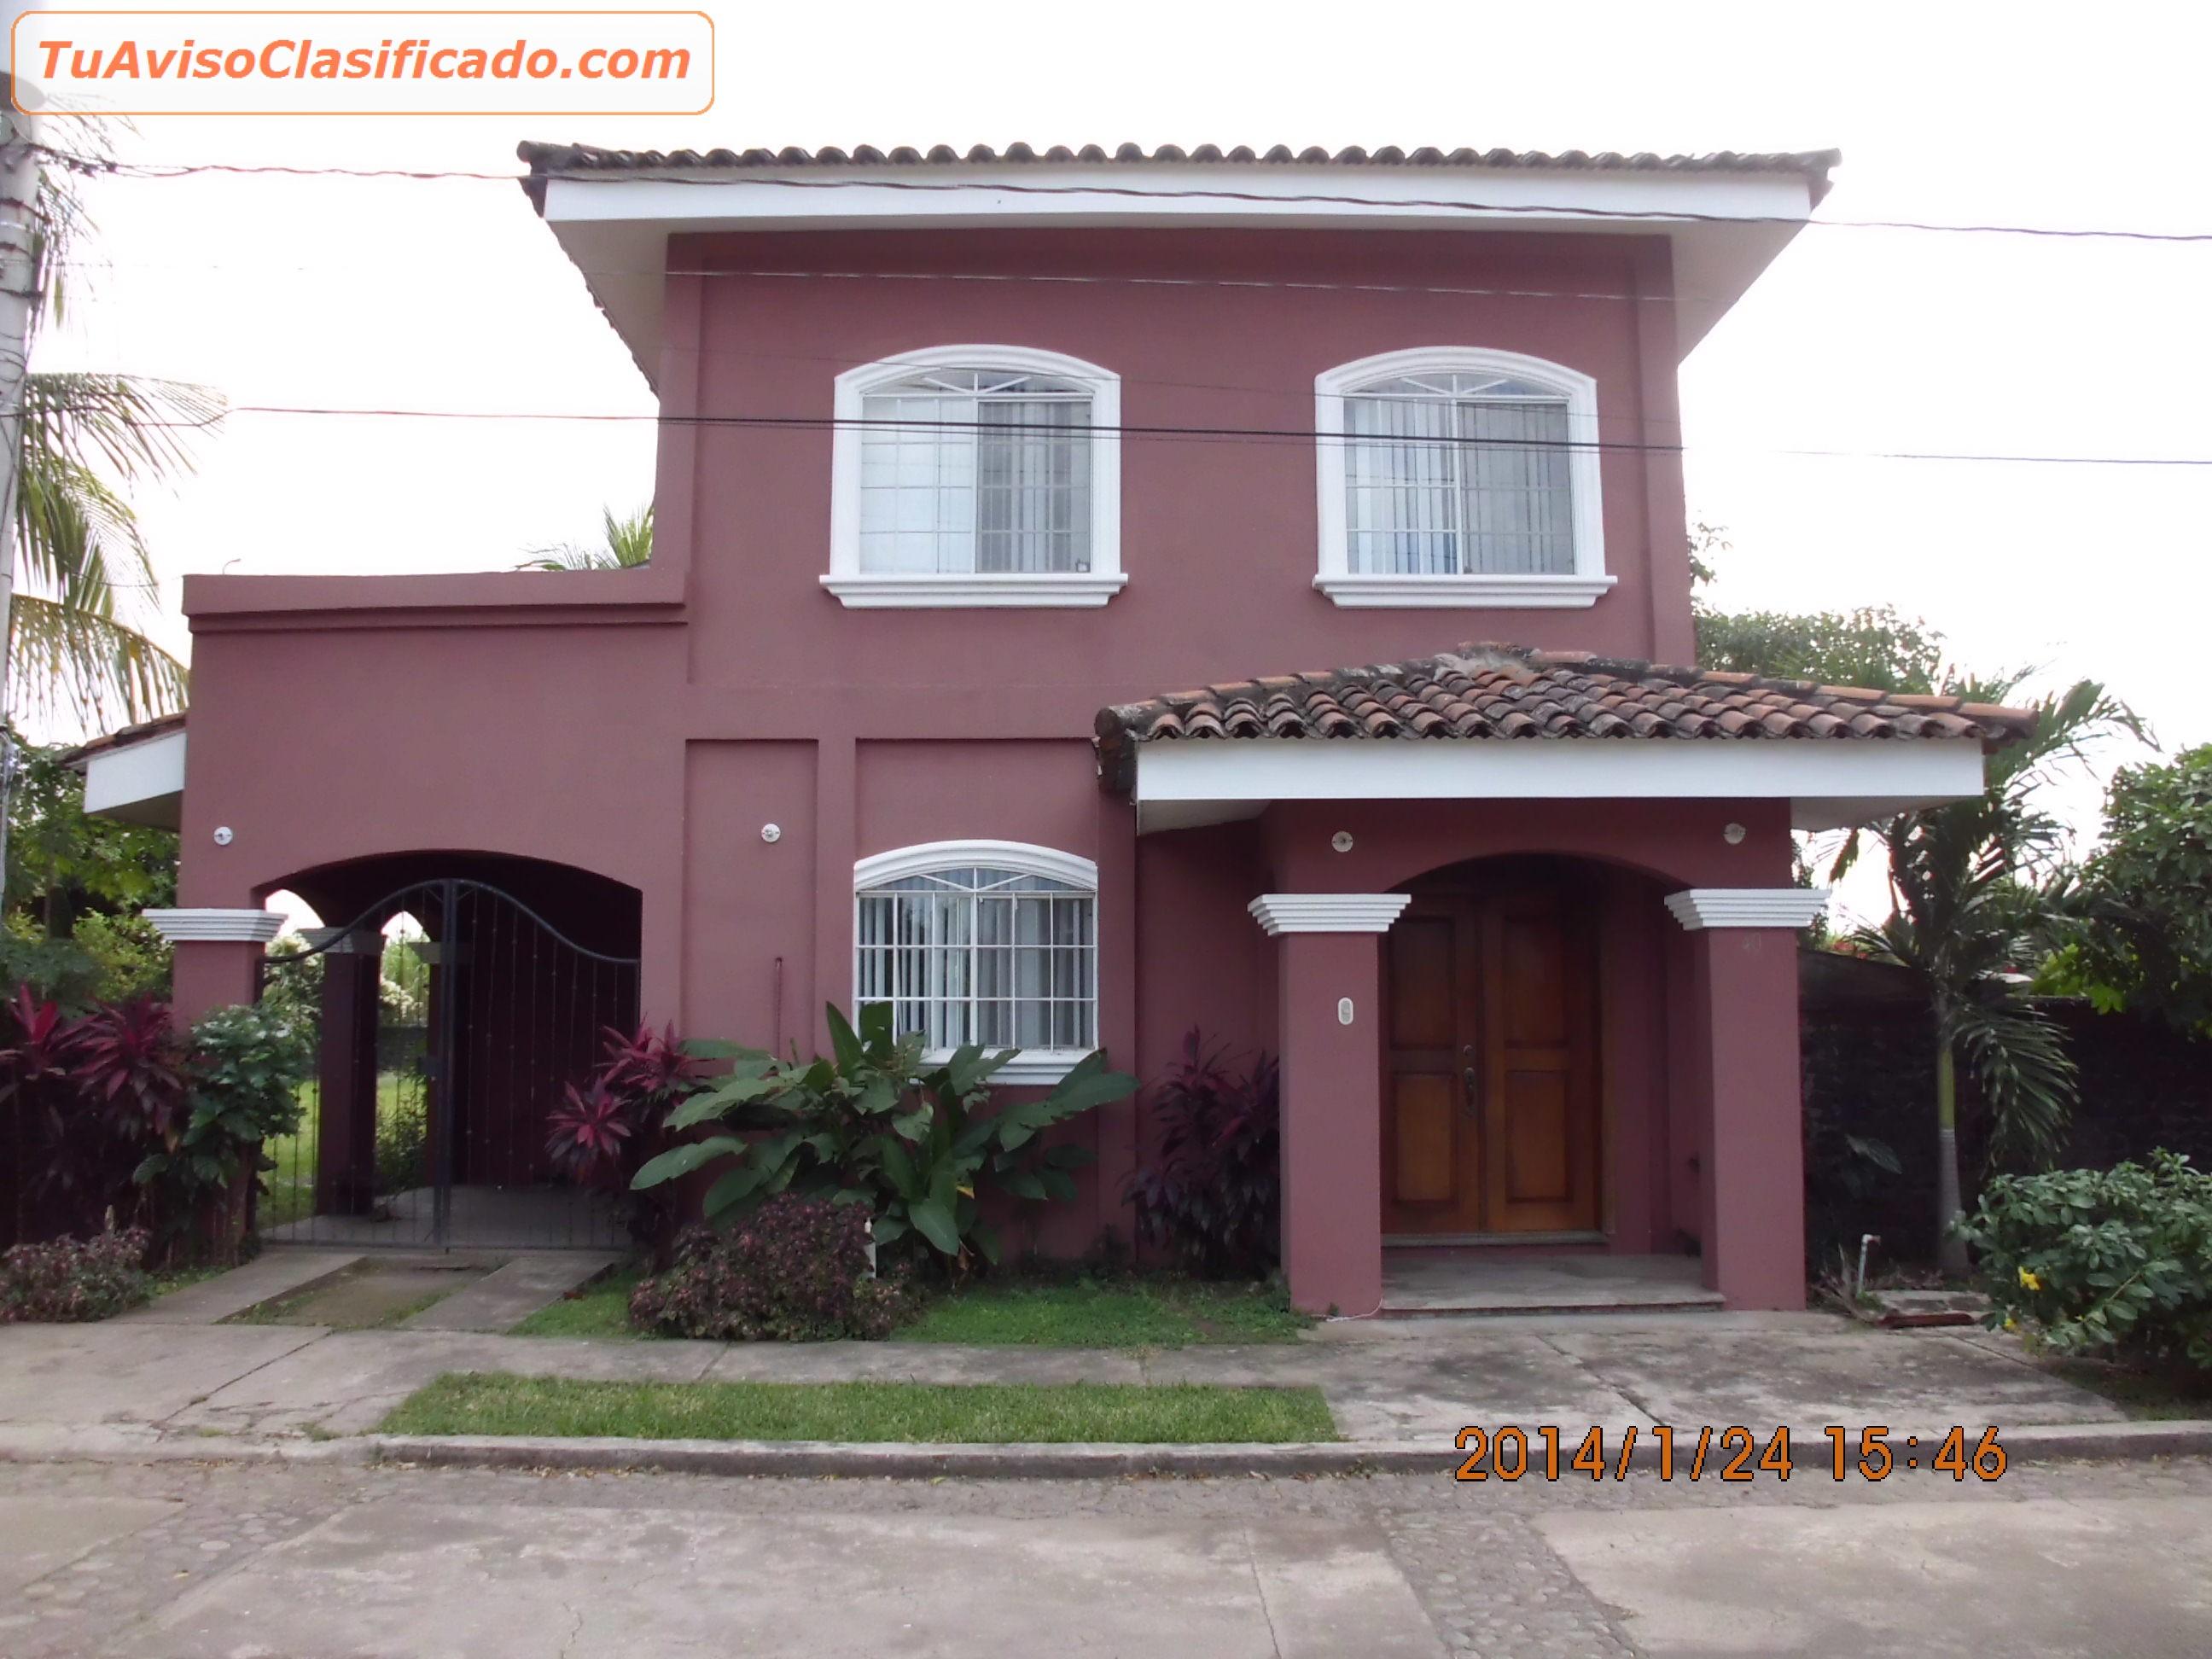 Casa de alquiler chinandega hermosa casa en zona for Casas de renta